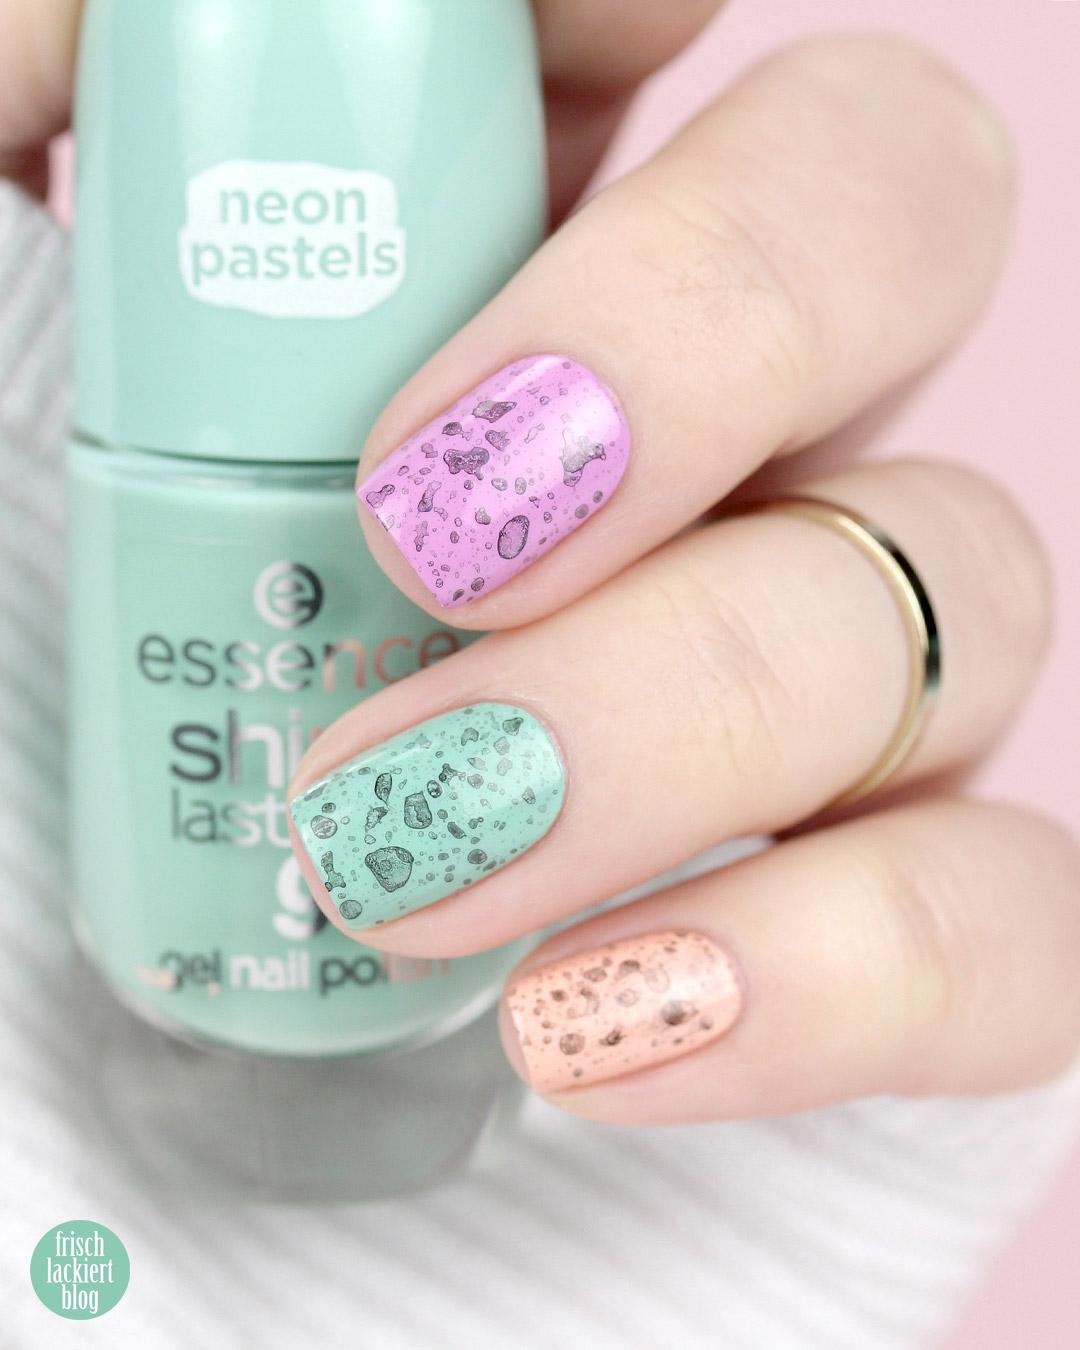 Oster Nail Art mit essence neon pastels – by frischlackiert